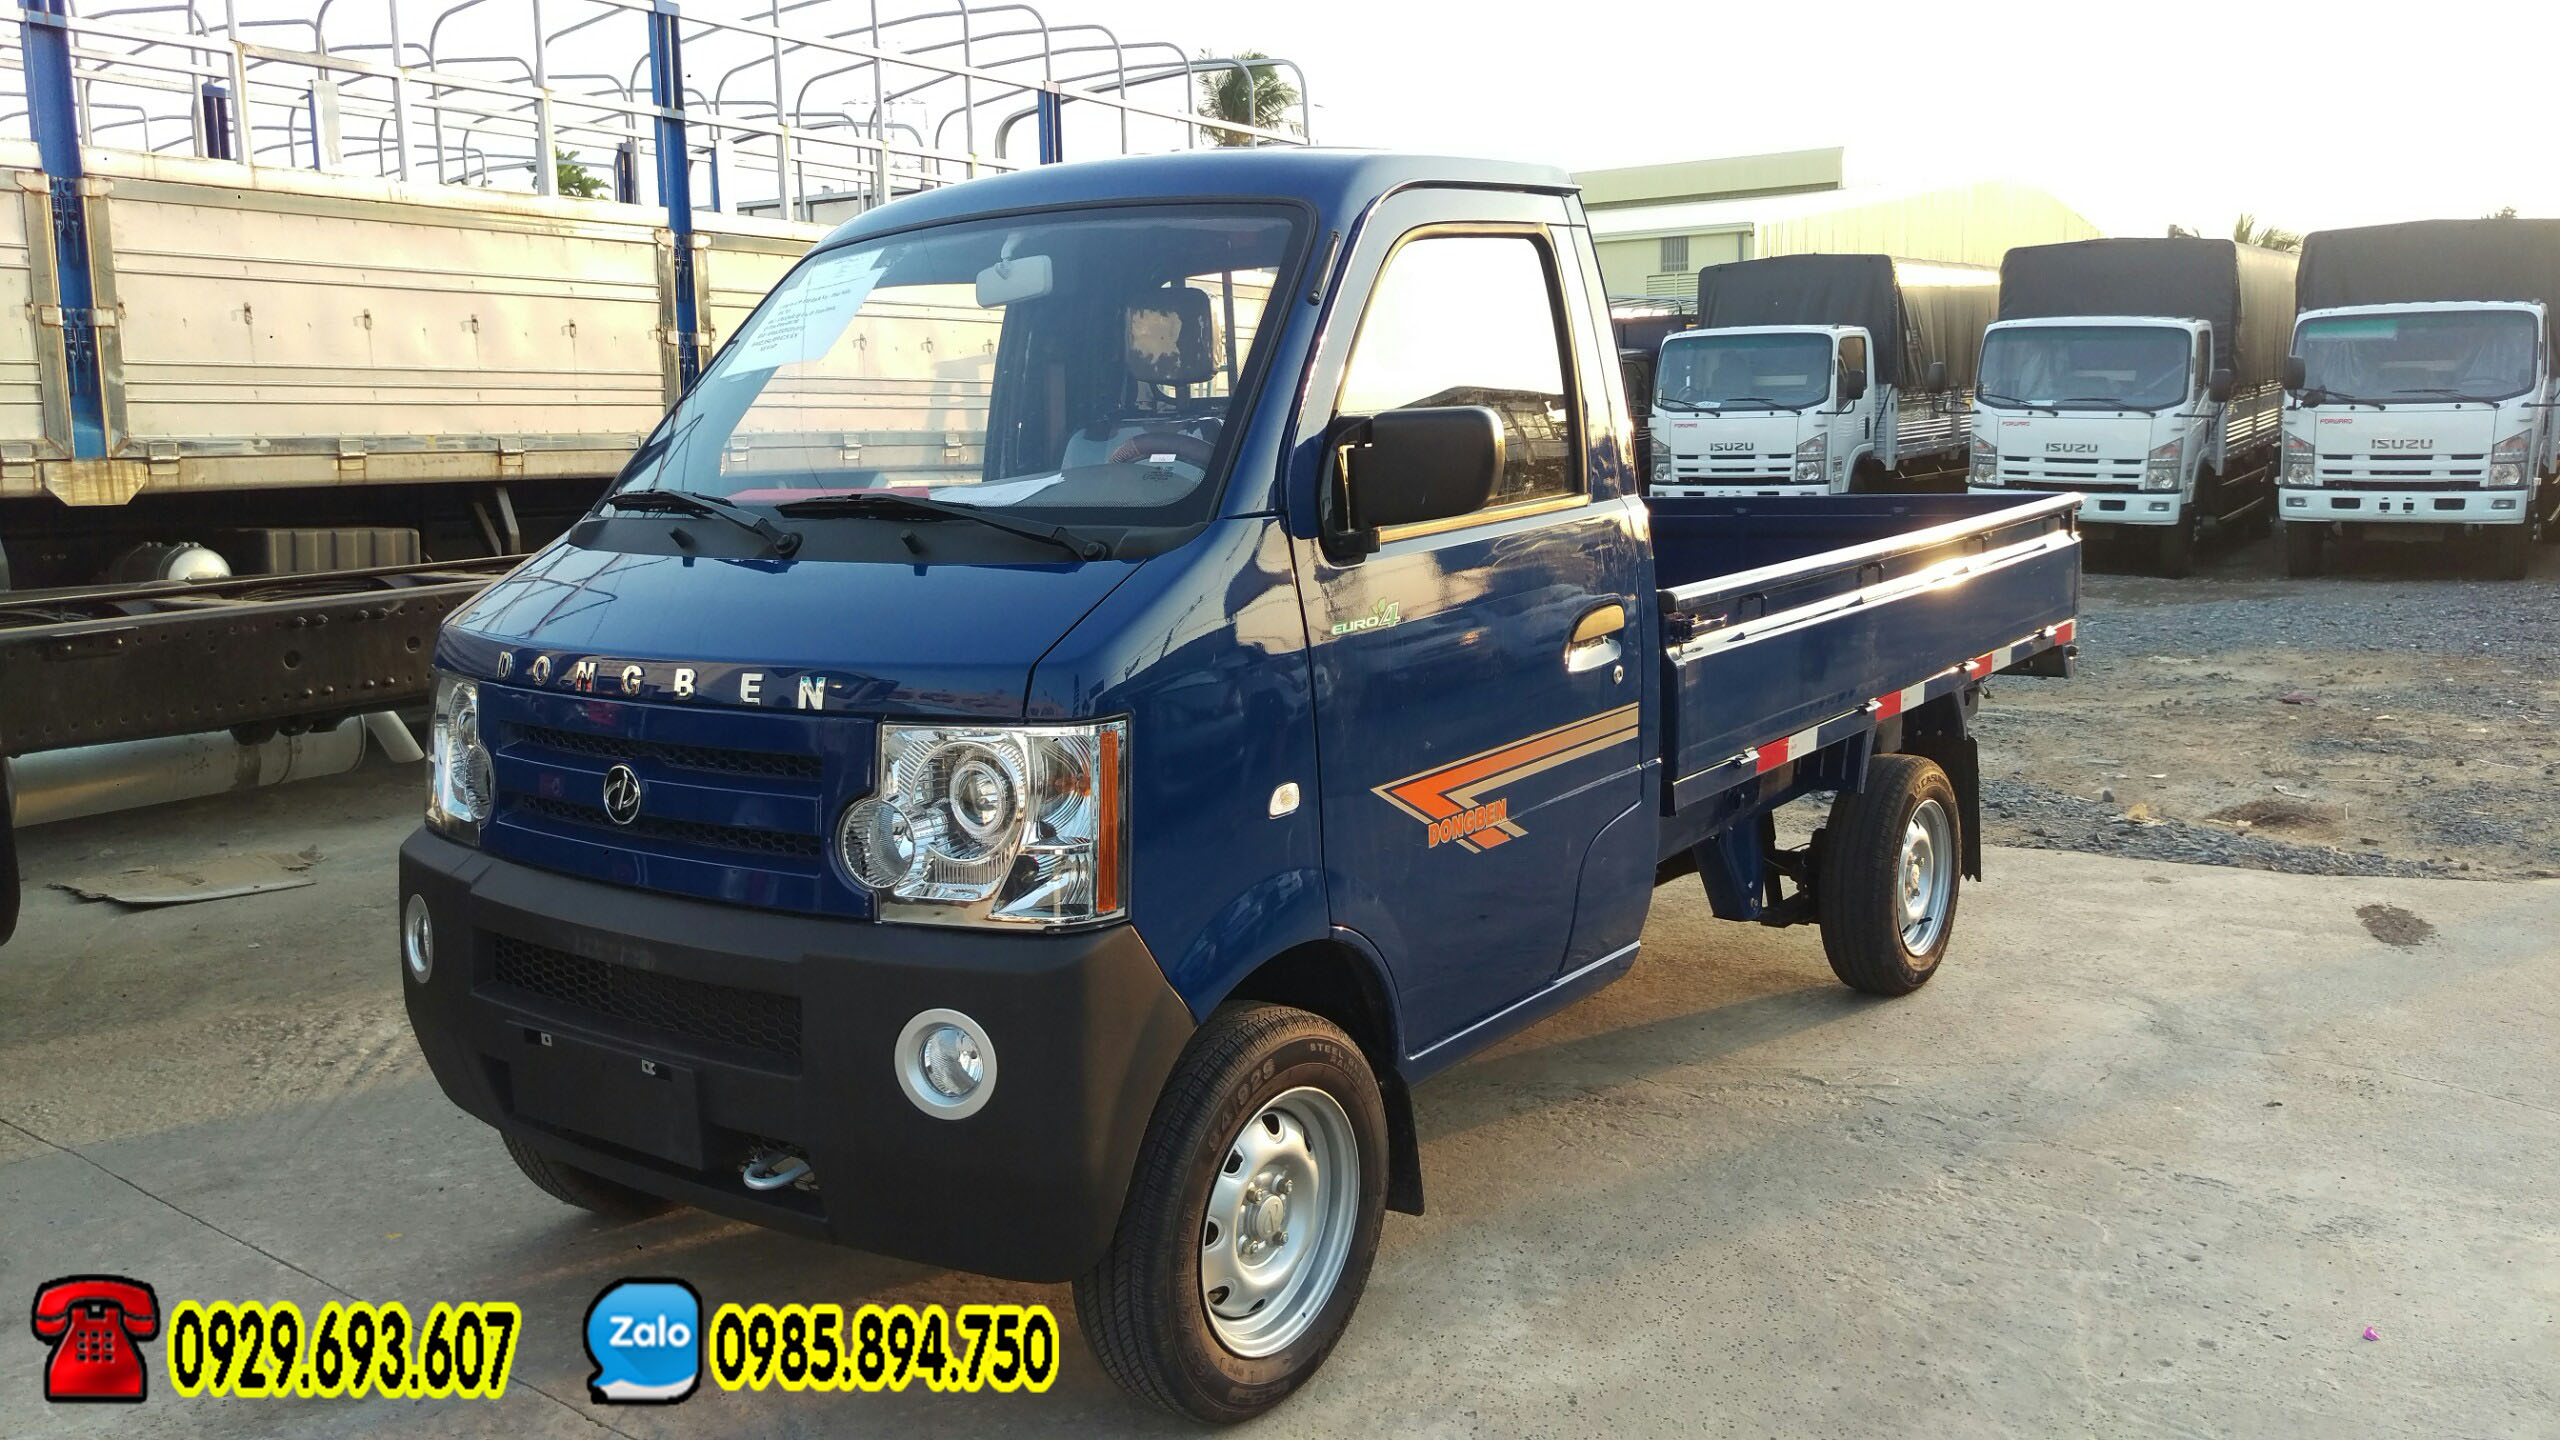 Xe tải 500kg – Dongben thùng lững | kín | mui bạt, có trợ lực lái, kính điện dời 2018